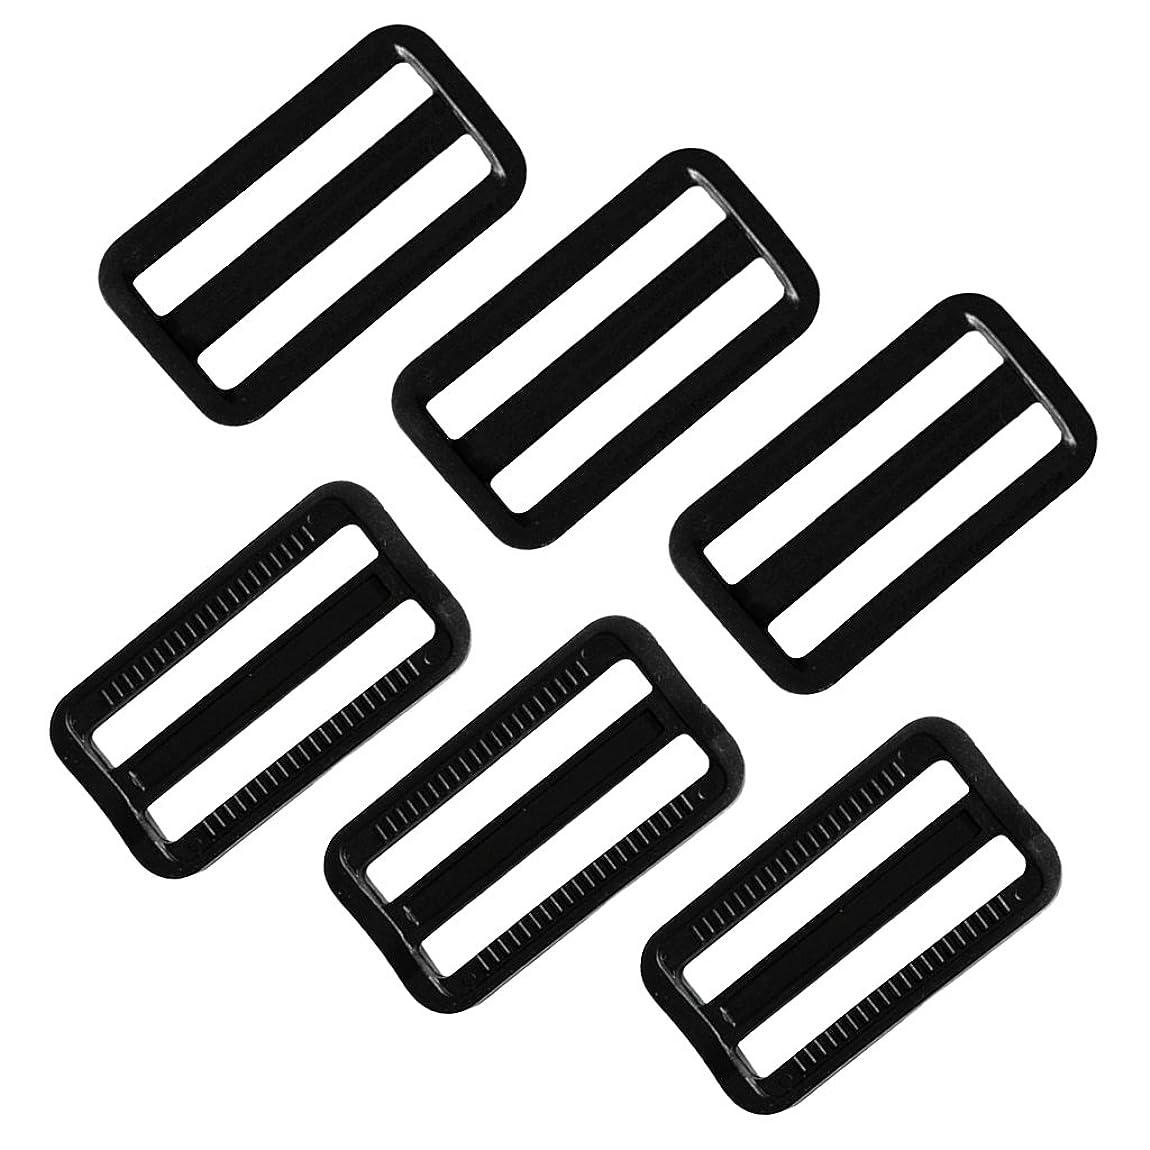 範囲裁判官エスカレーターSONONIA 6個 スキューバダイビング ダイブ プラスチック ウェイトベルト スライド ウェビングストッパー キーパー